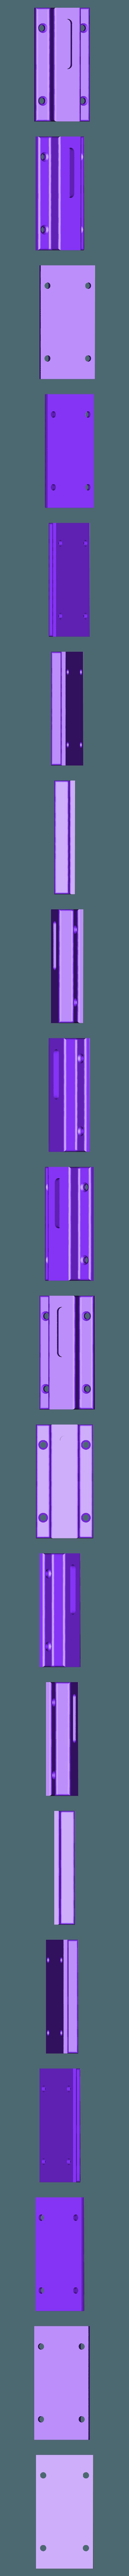 sliding_bolt_body_csk.stl Télécharger fichier STL gratuit Verrou de porte coulissante Impression entièrement assemblée • Design à imprimer en 3D, Sagittario